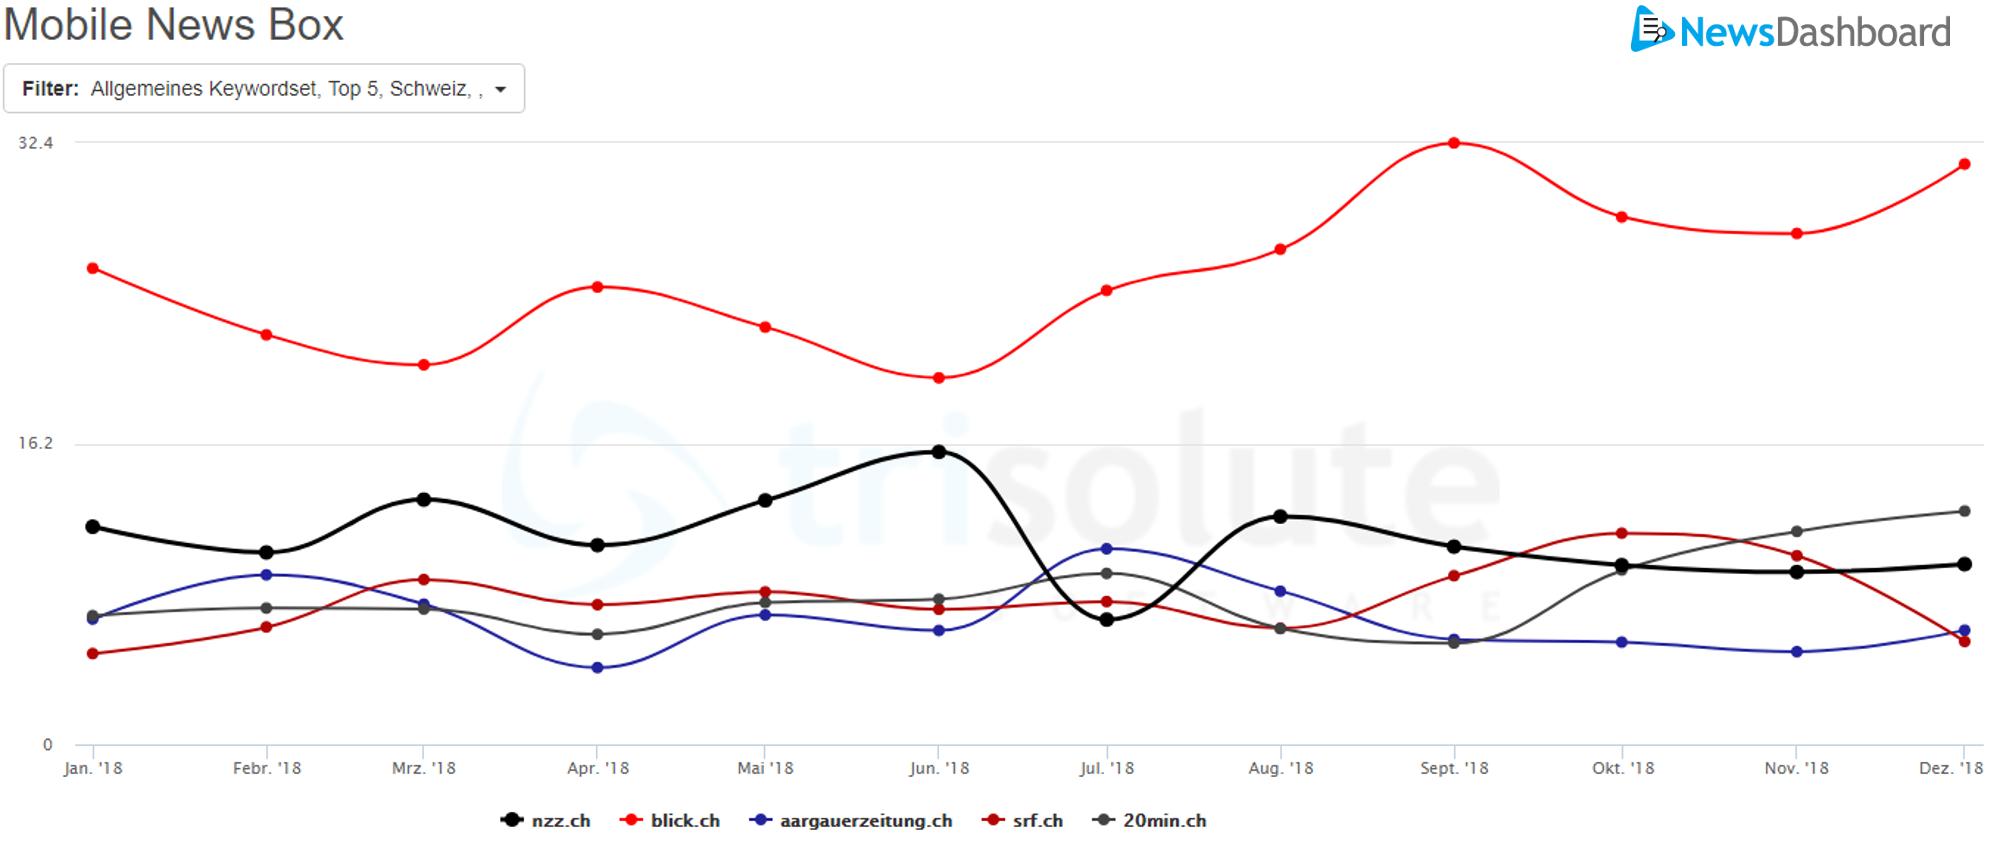 Auch in der Kategorie Schweiz der mobile News Box hat sich in der Schweiz blick.ch auf Platz 1 gekämpft.